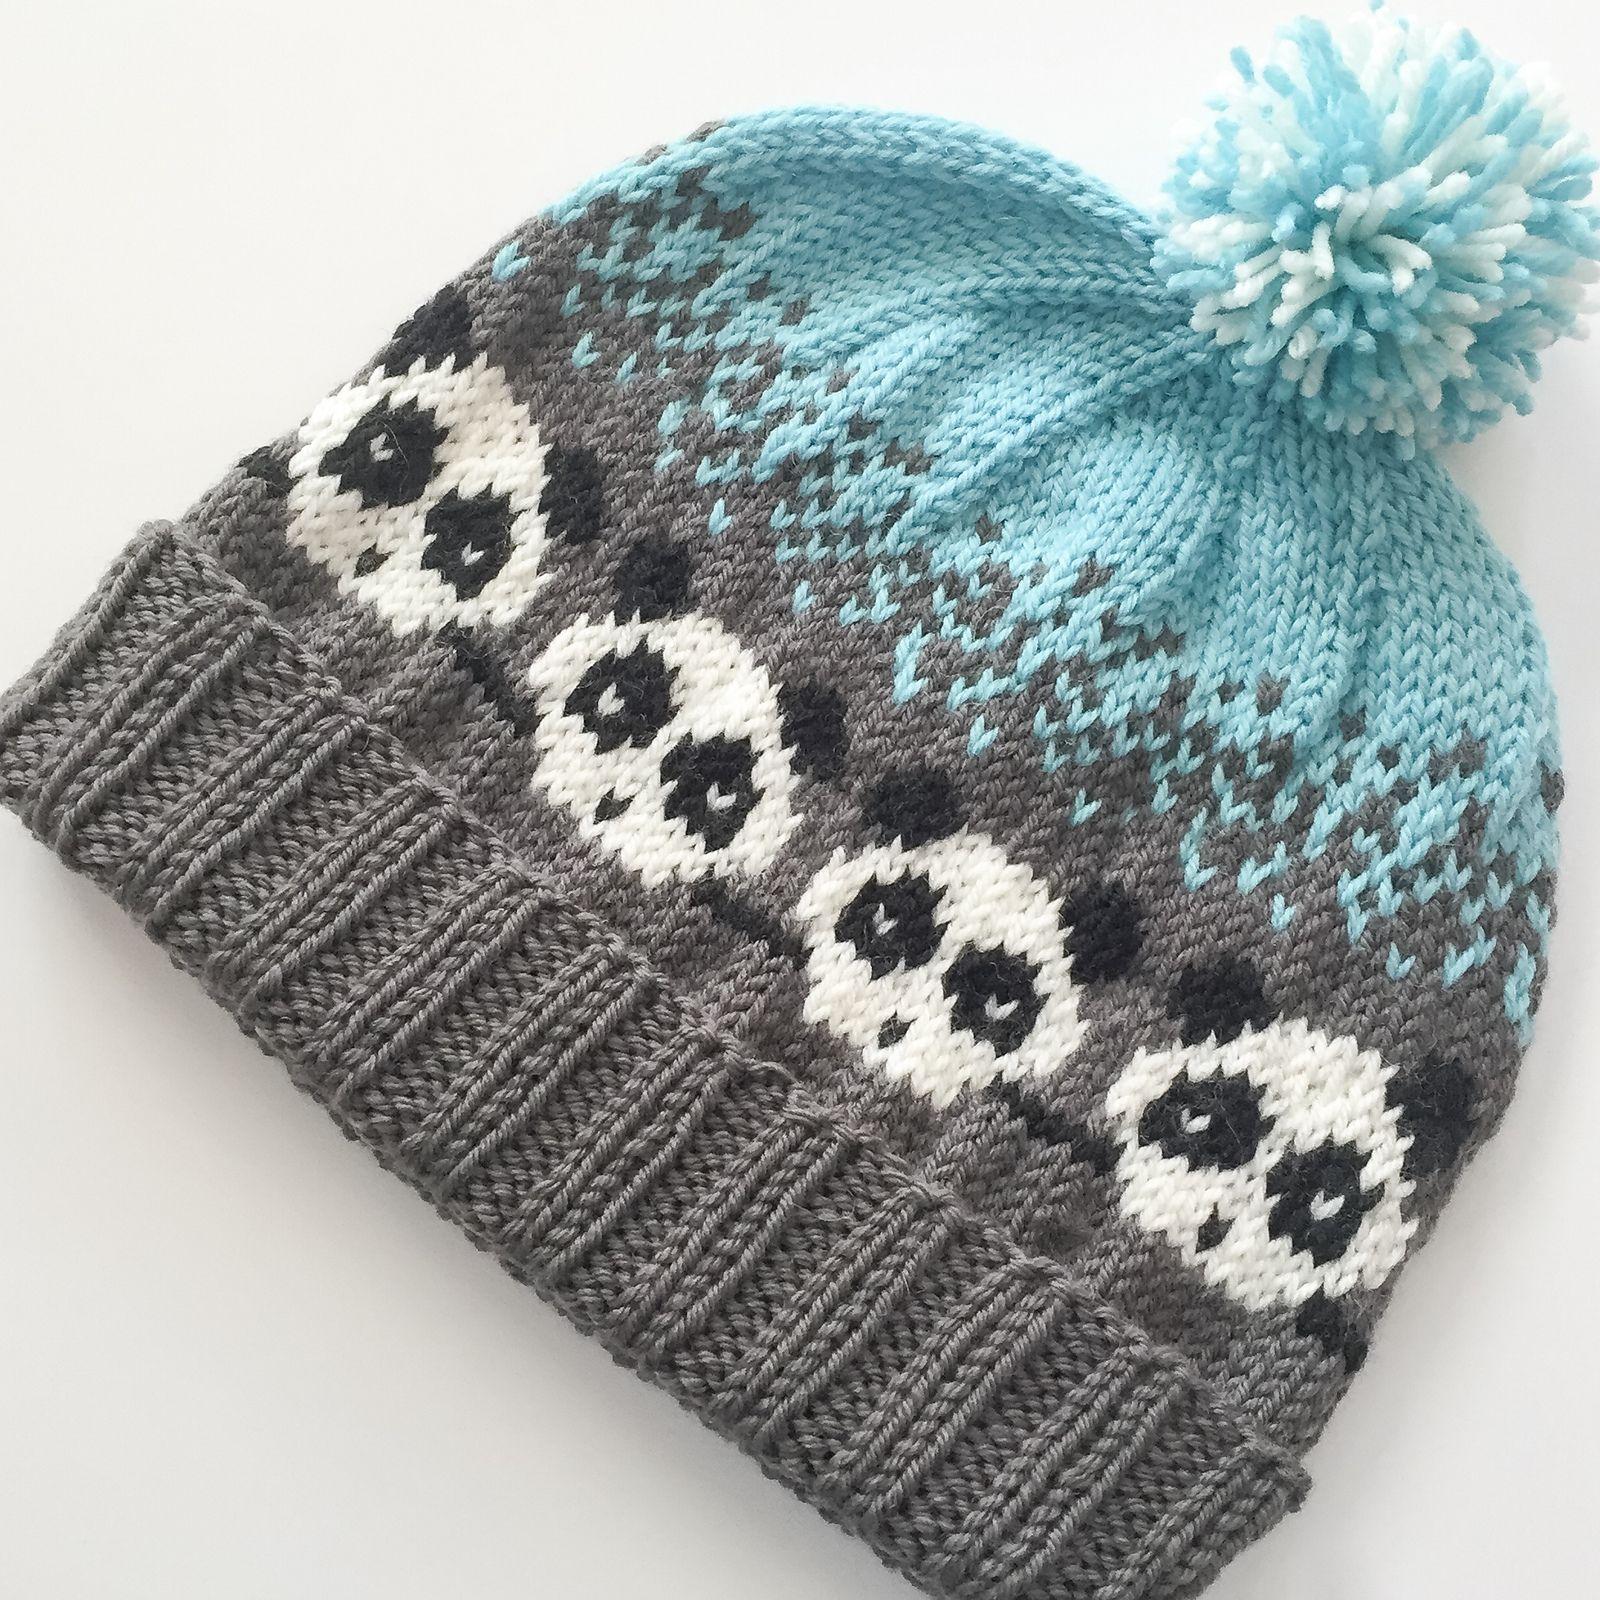 Free Knitting Pattern For Pandemonium Hat Karin Michele